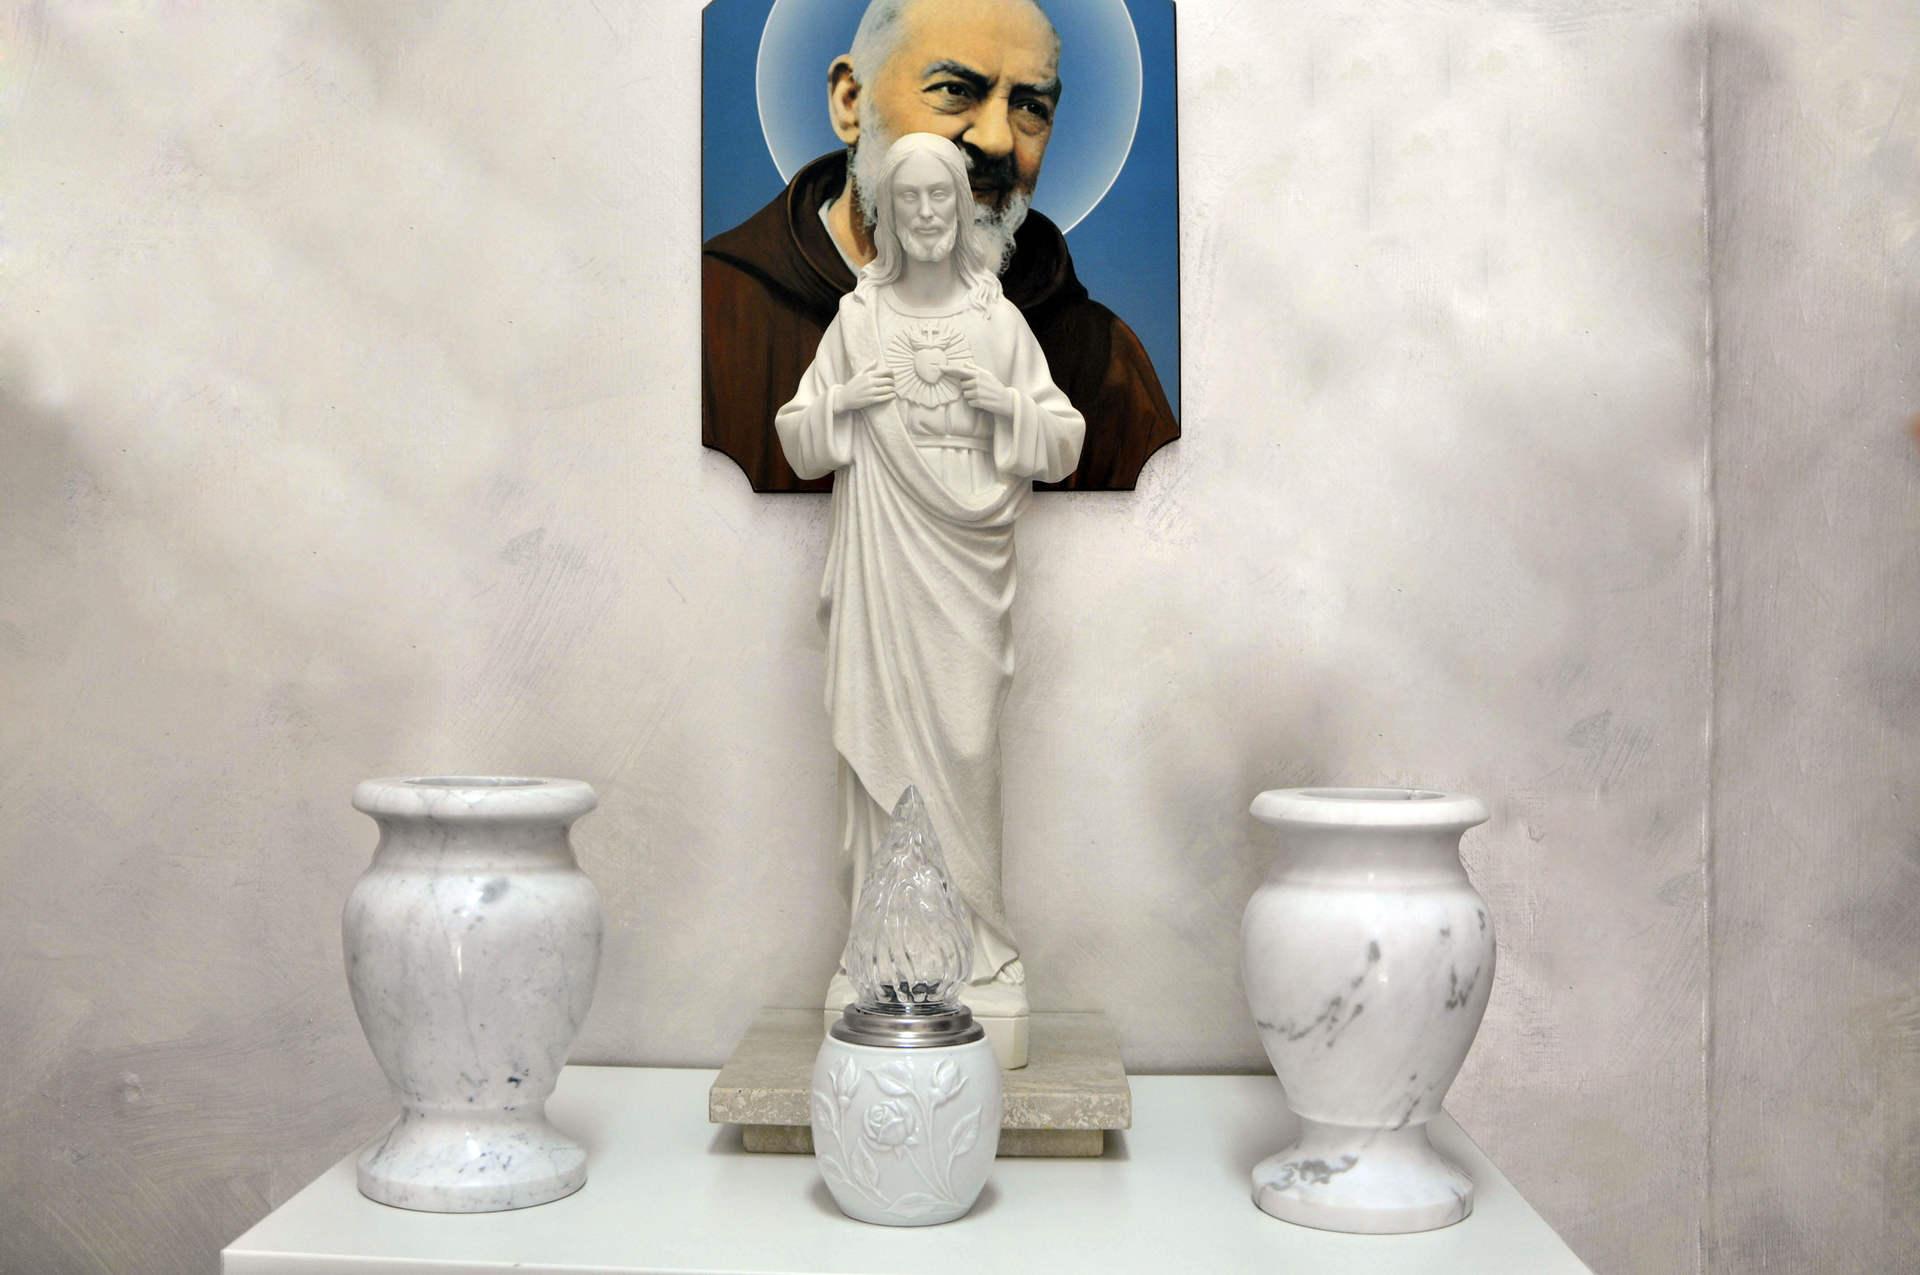 vasi votivi e statua della vergine con poster di padre pio sullo sfondo